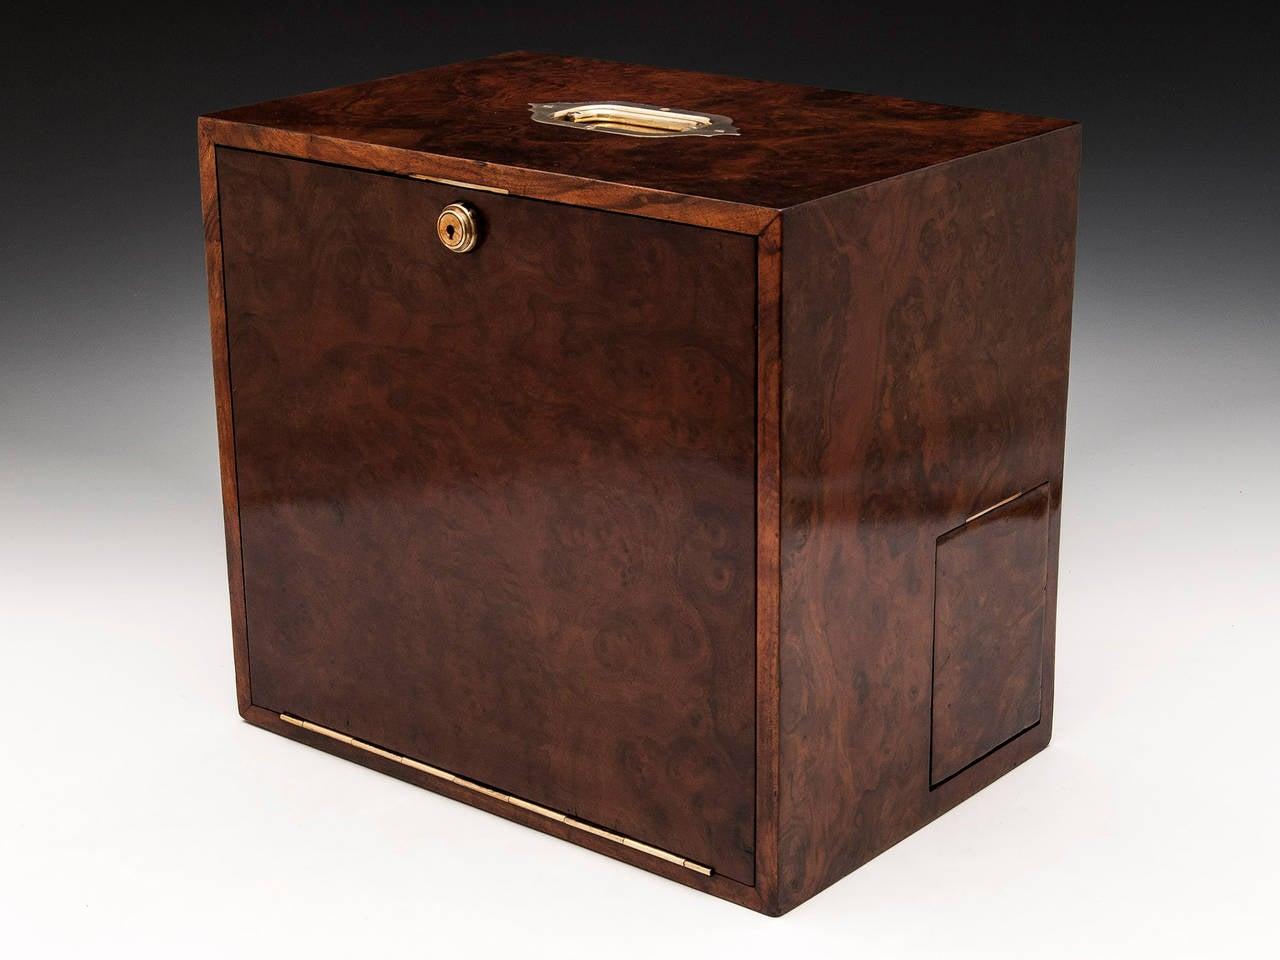 Burr walnut stationery box at stdibs